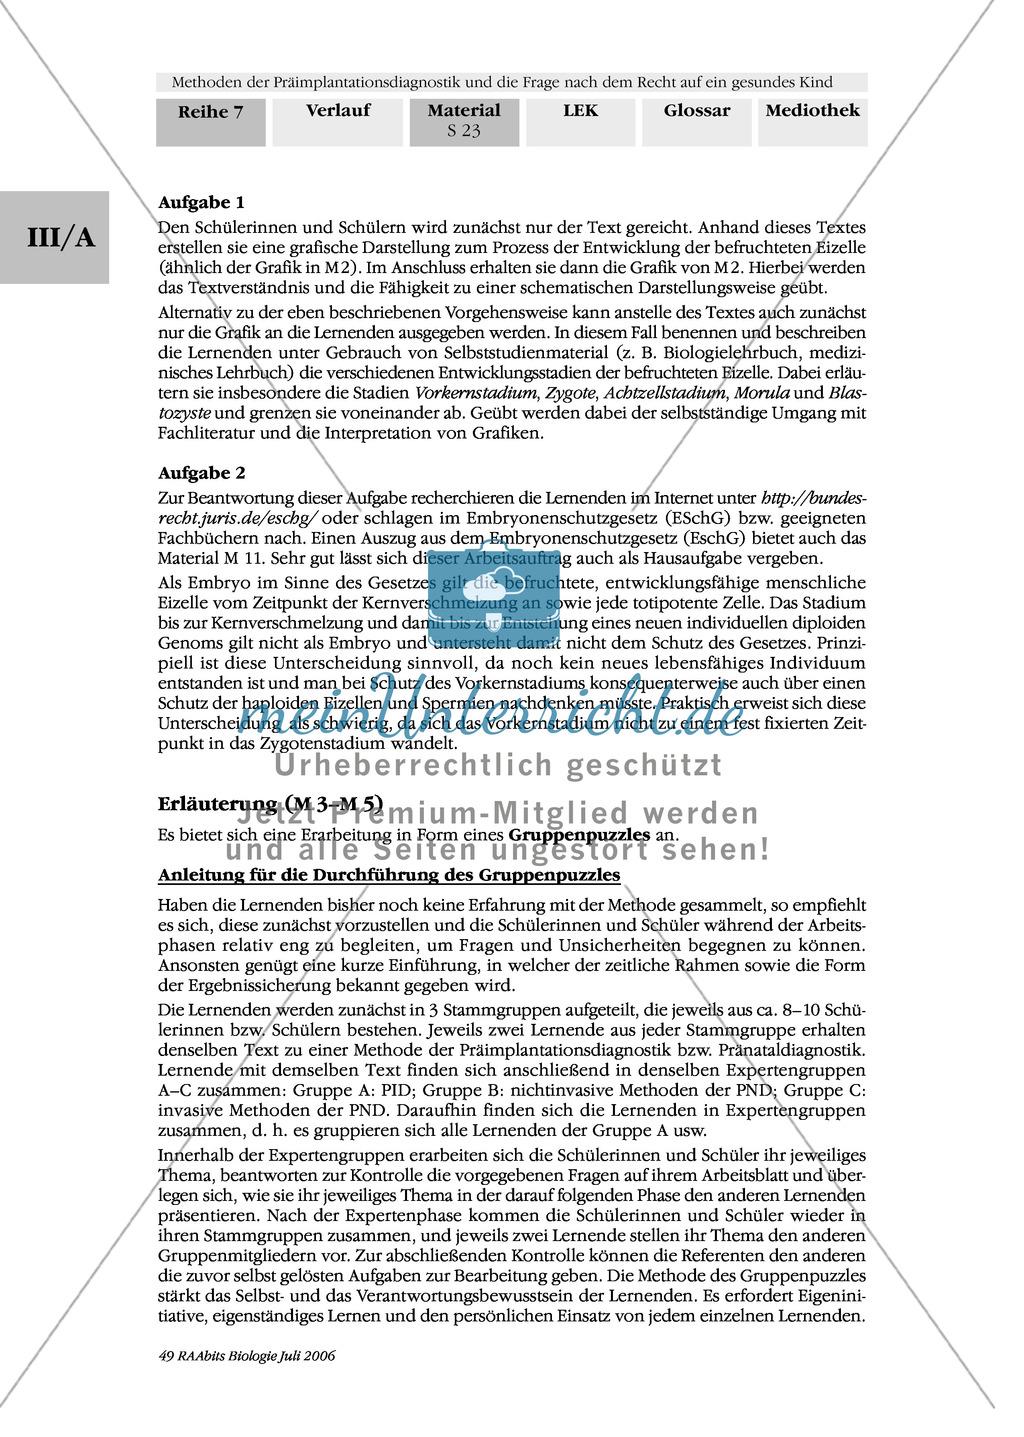 Text zur Entwicklung der befruchteten Eizelle und Gruppenpuzzle zur Präimplantationsdiagnostik und Pränataldiagnostik Preview 13